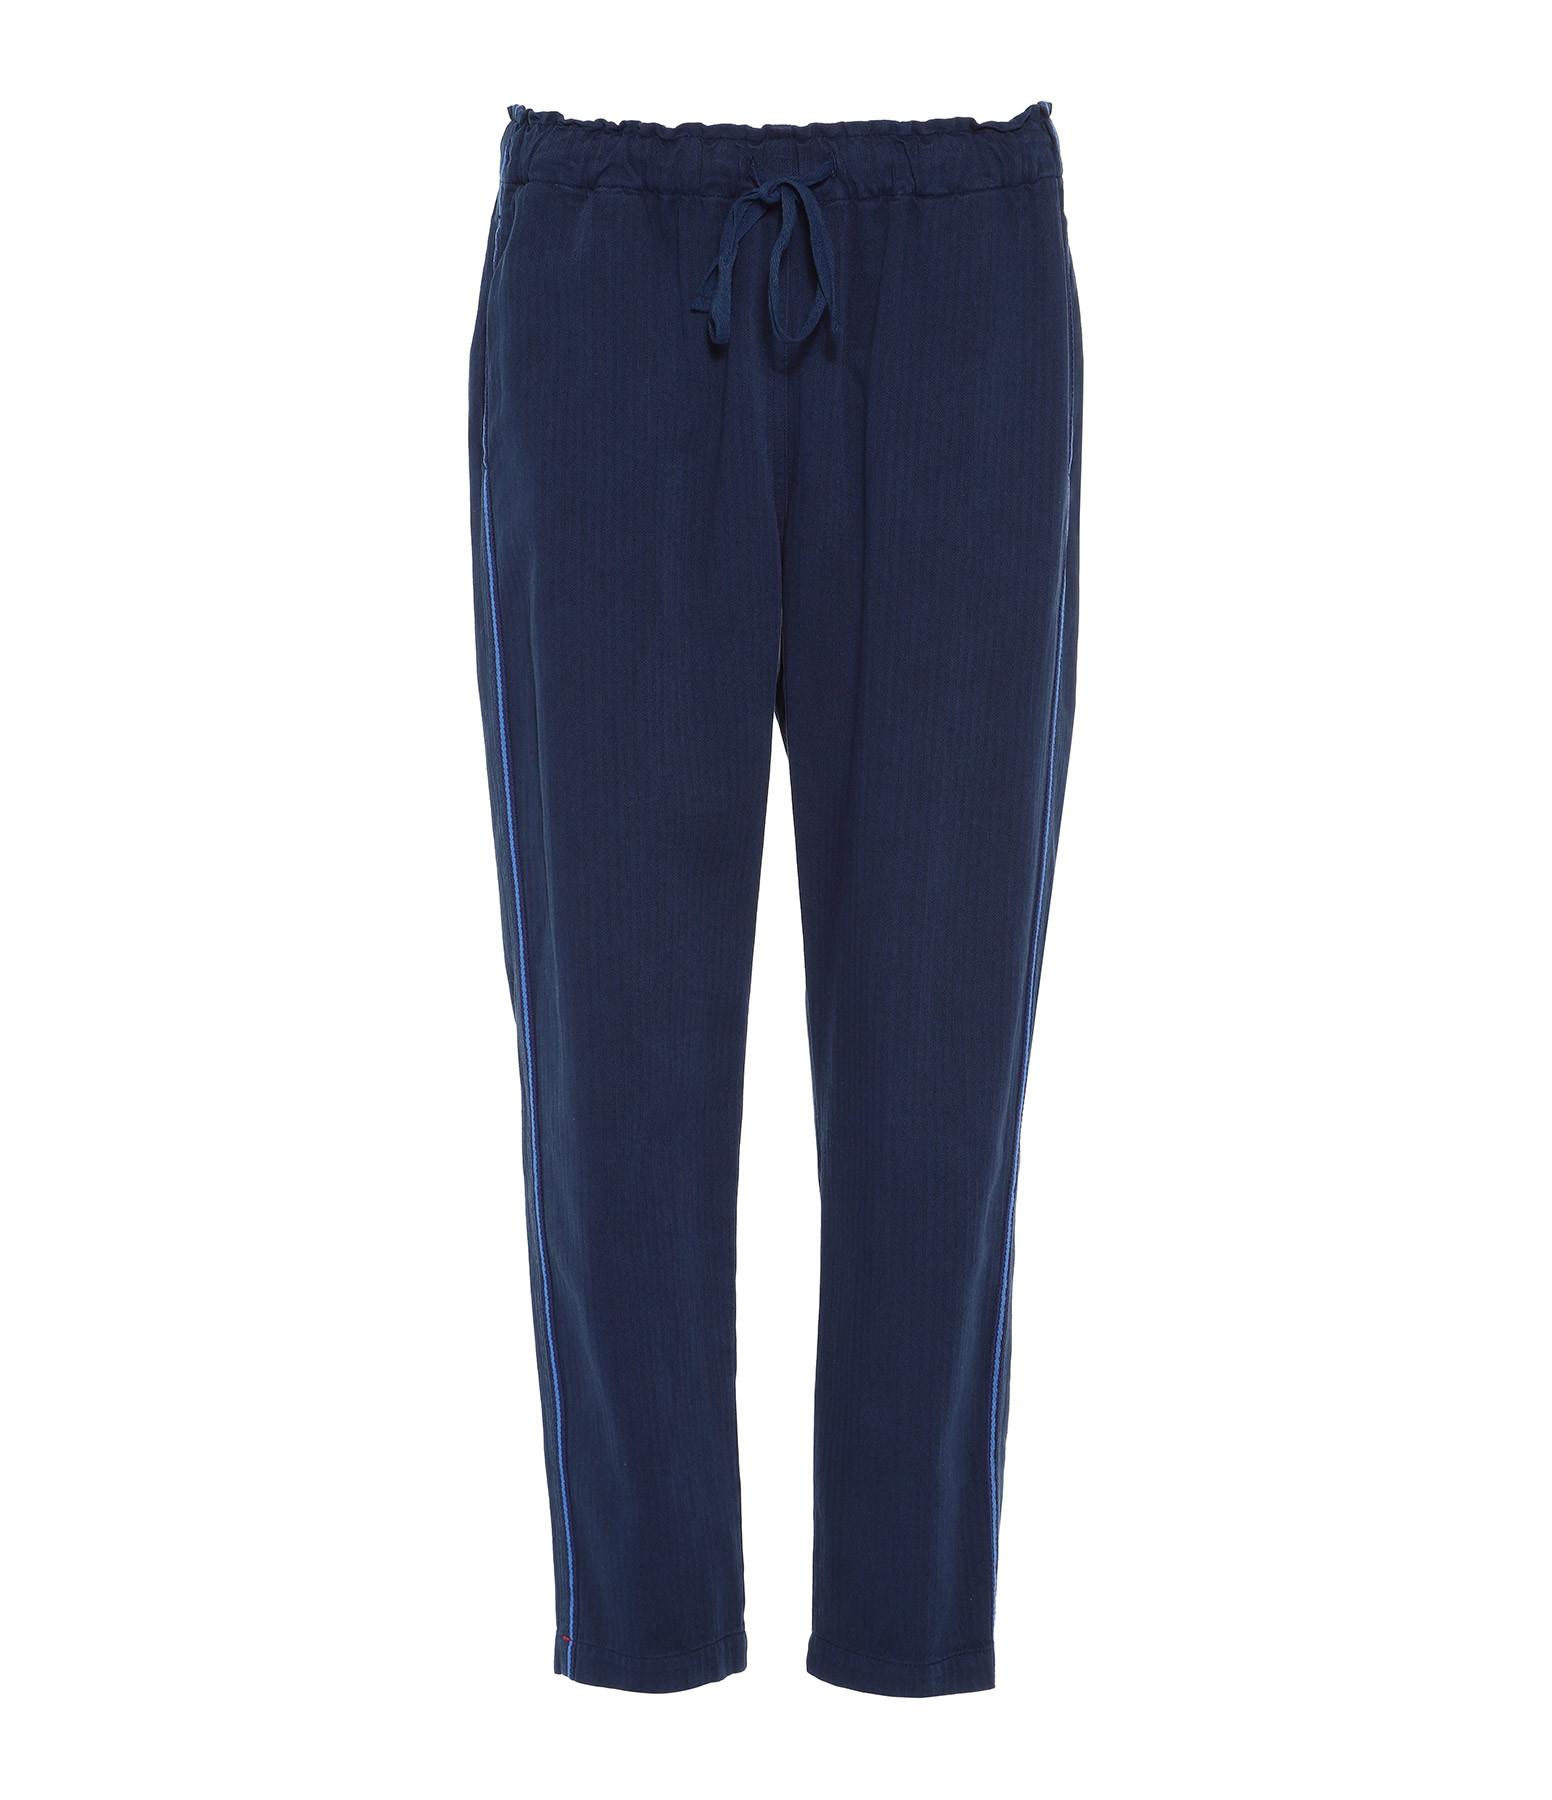 XIRENA - Pantalon Twill Rex Navy